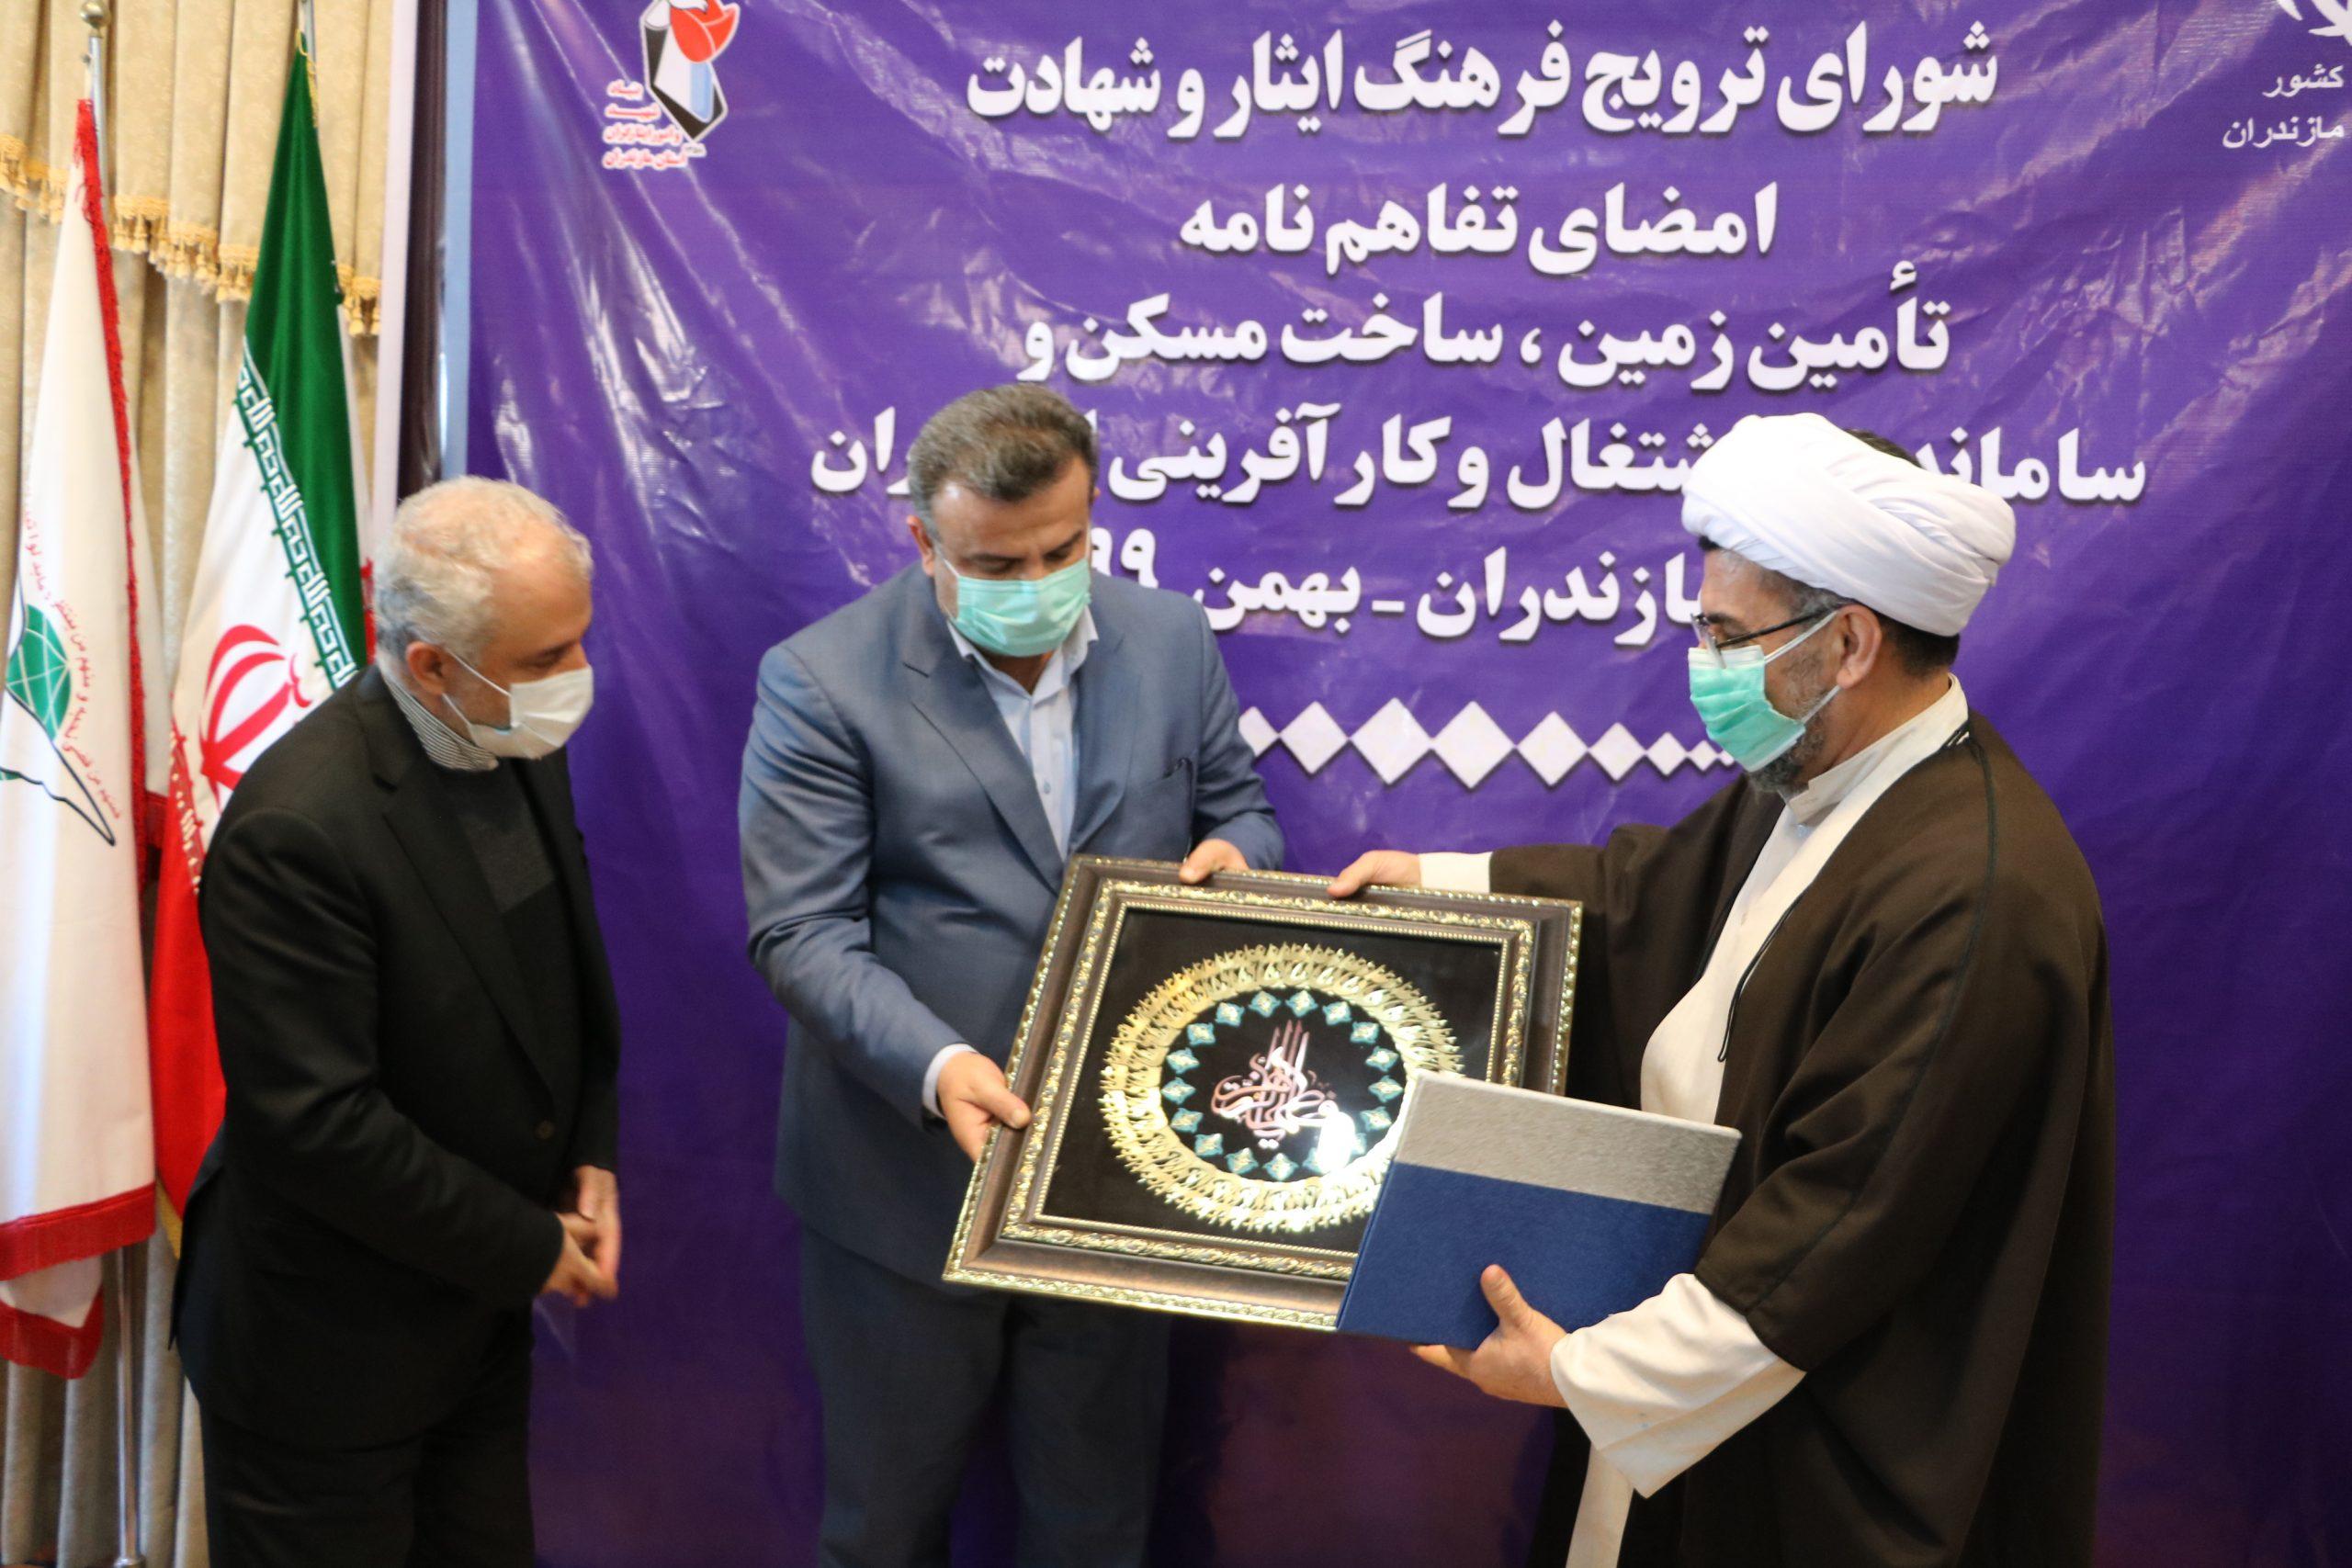 تقدیر رئیس سازمان اوقاف از استاندار مازندران